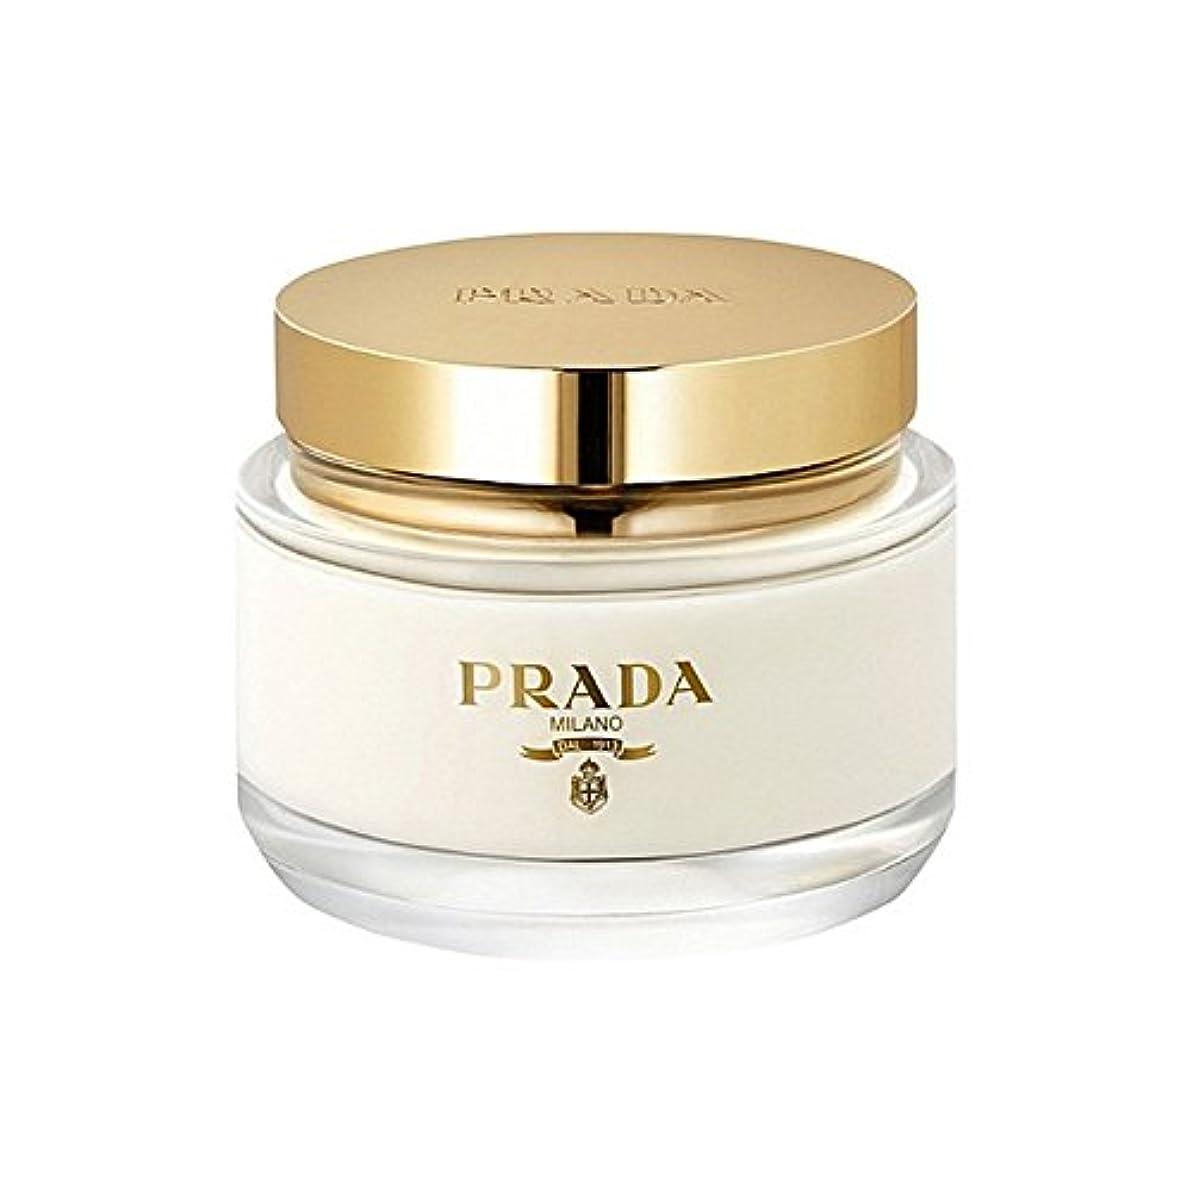 パノラマ豆腐抵抗力があるプラダラファムボディクリーム200ミリリットル x4 - Prada La Femme Body Cream 200ml (Pack of 4) [並行輸入品]